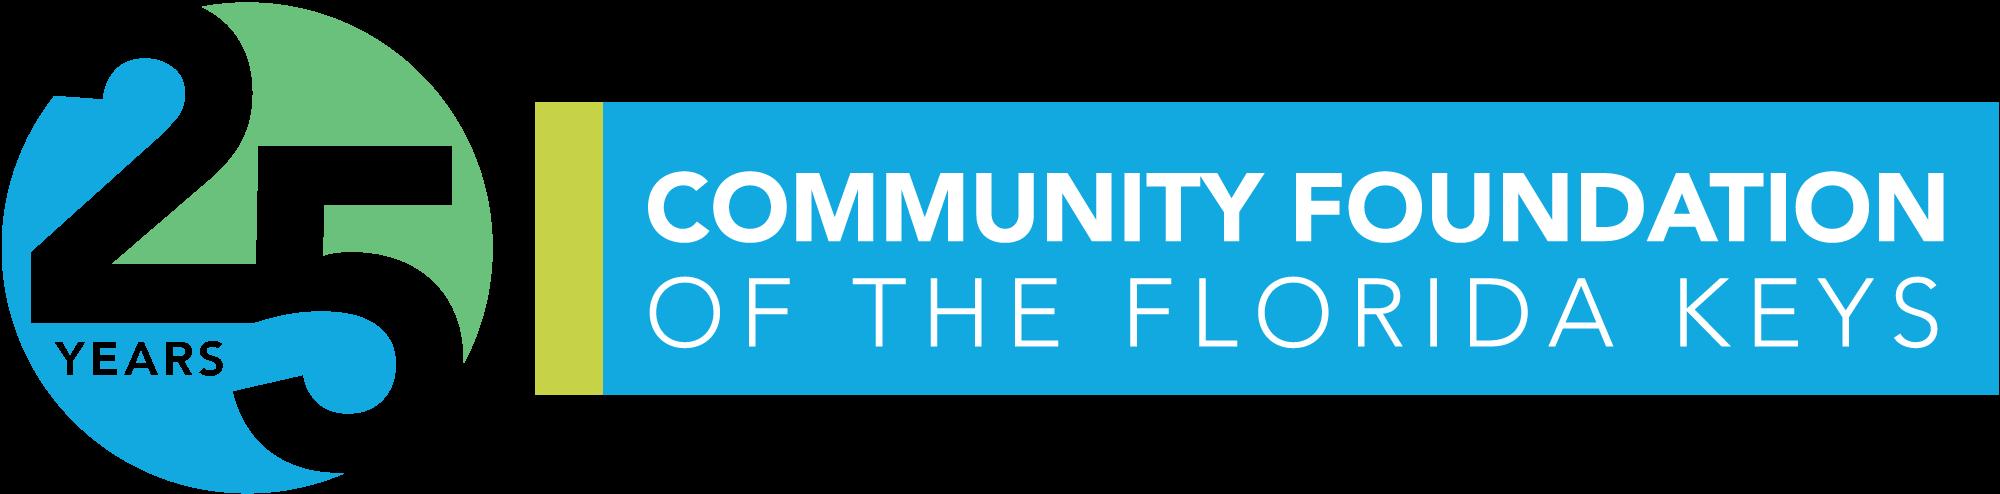 CFFK_Logo_vecto_25-11